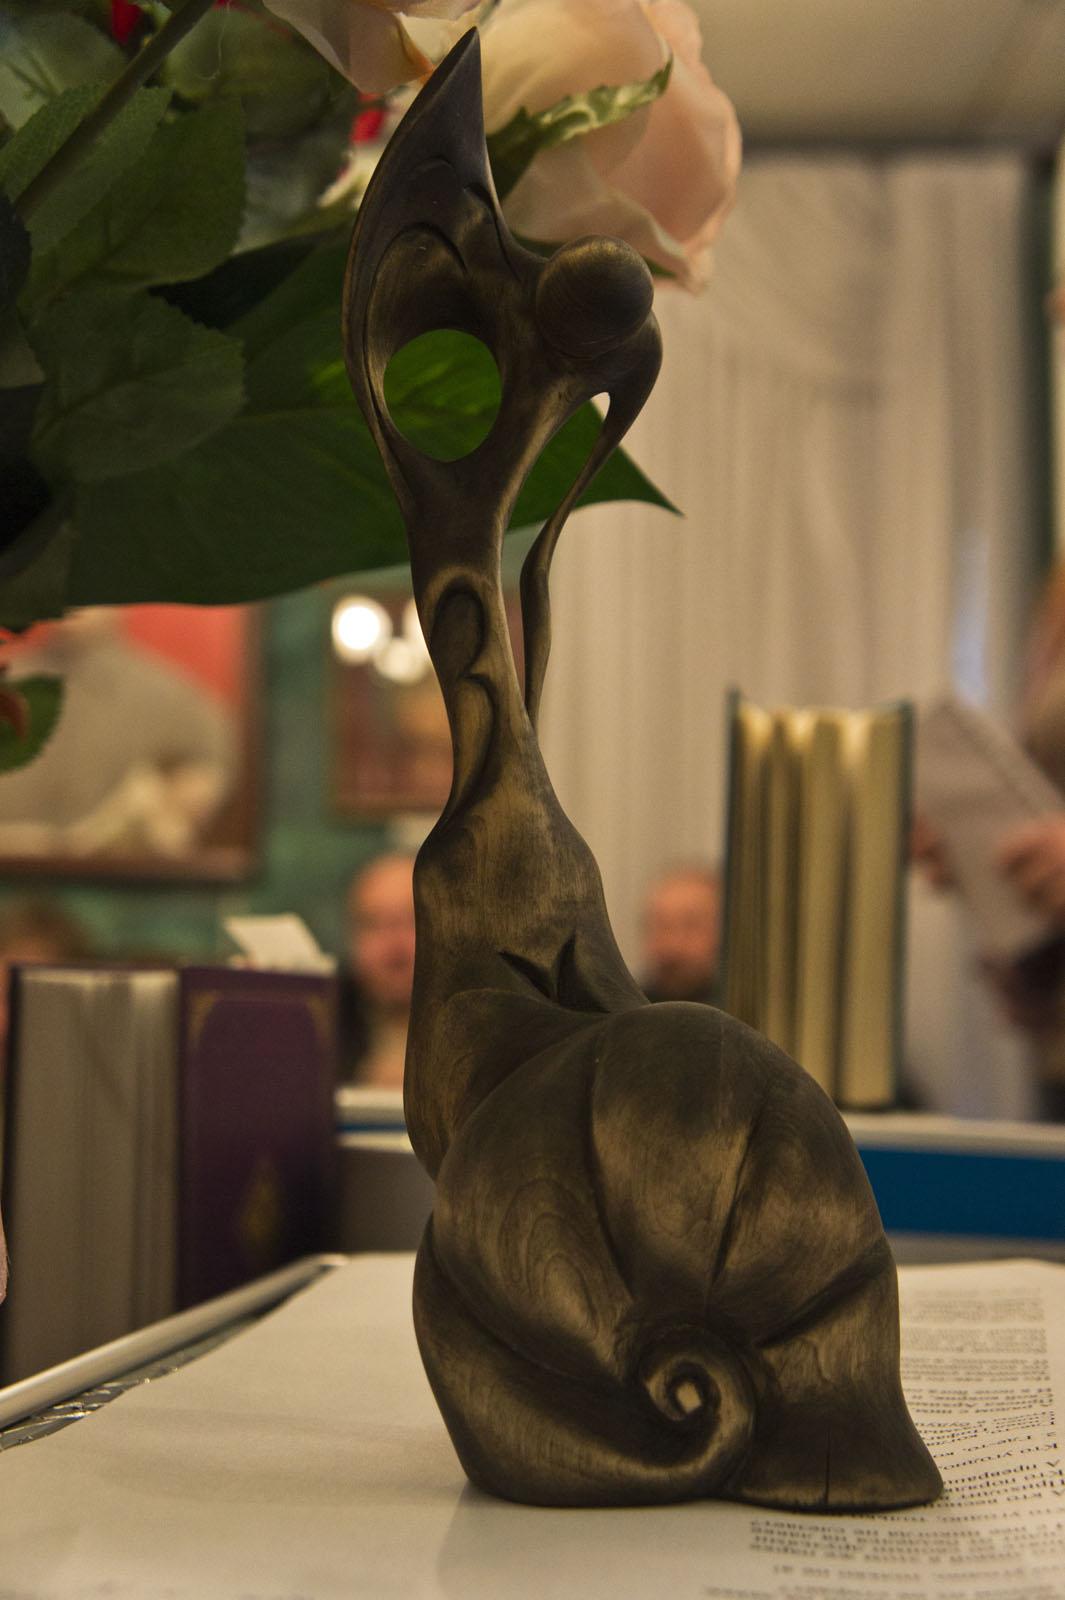 Фото №73628. ''Метаморфозы'', скульптура из дерева Мориса Циклаури, гл приз фестиваля